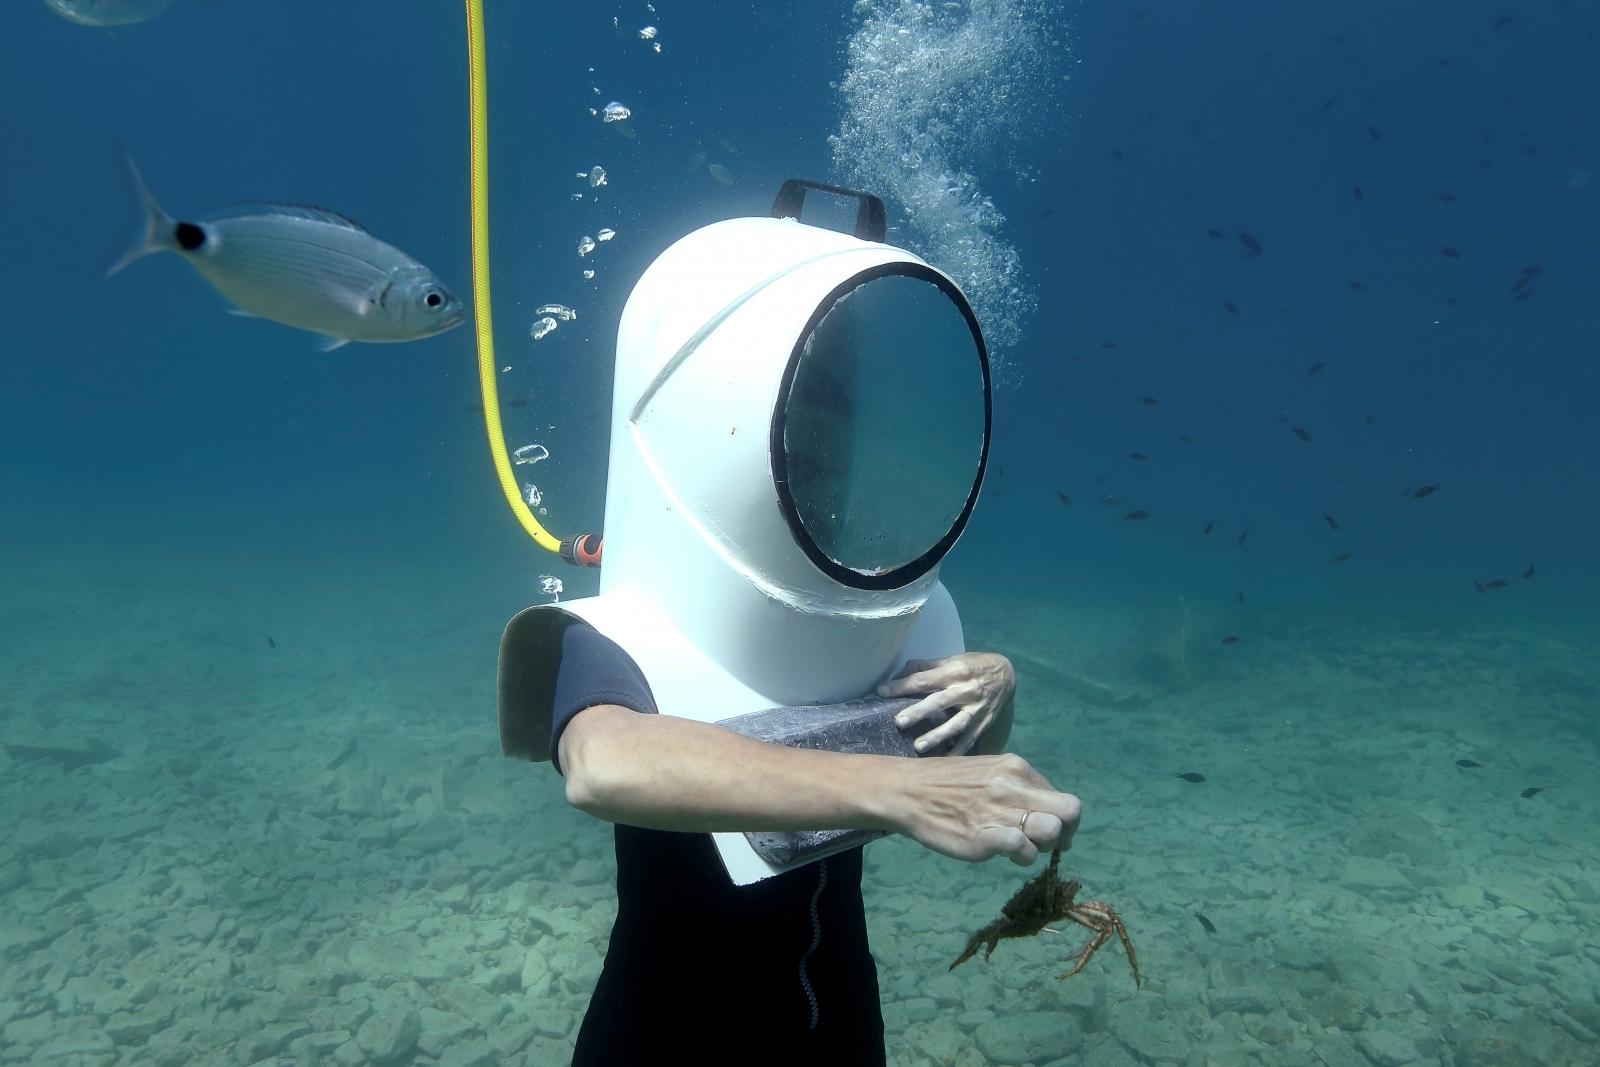 Underwater quantum communication